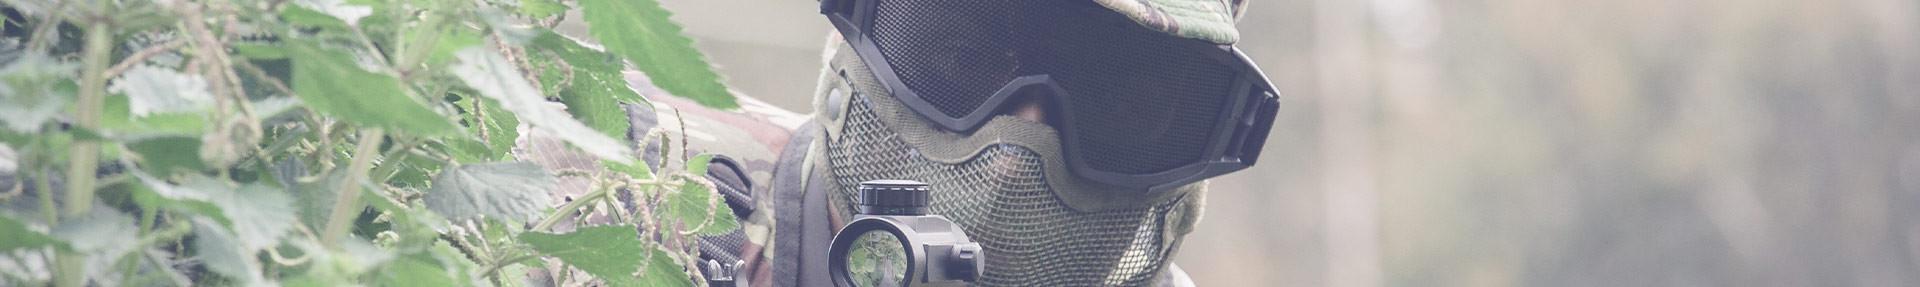 Cartouches munitions en calibre 308